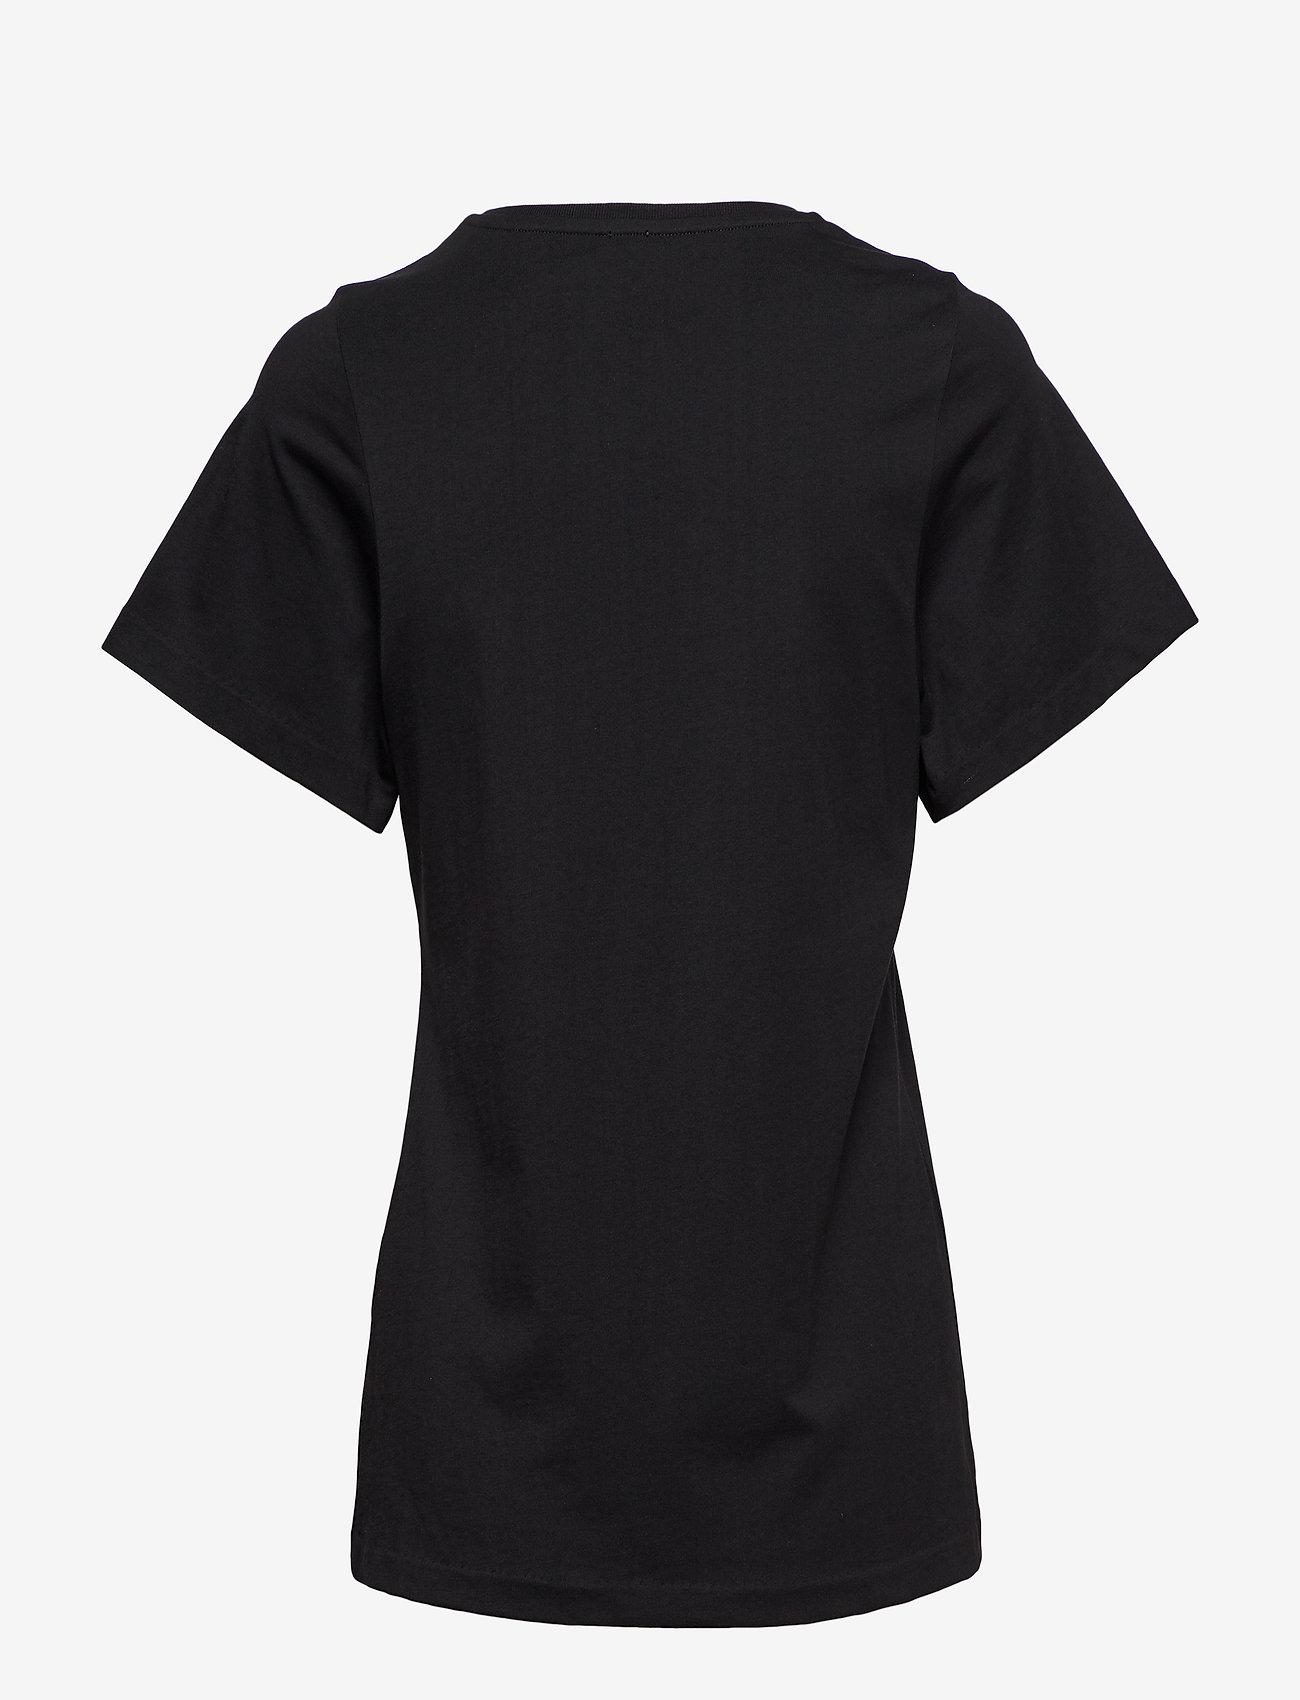 Totême - ESPERA - t-shirts - black 200 - 1